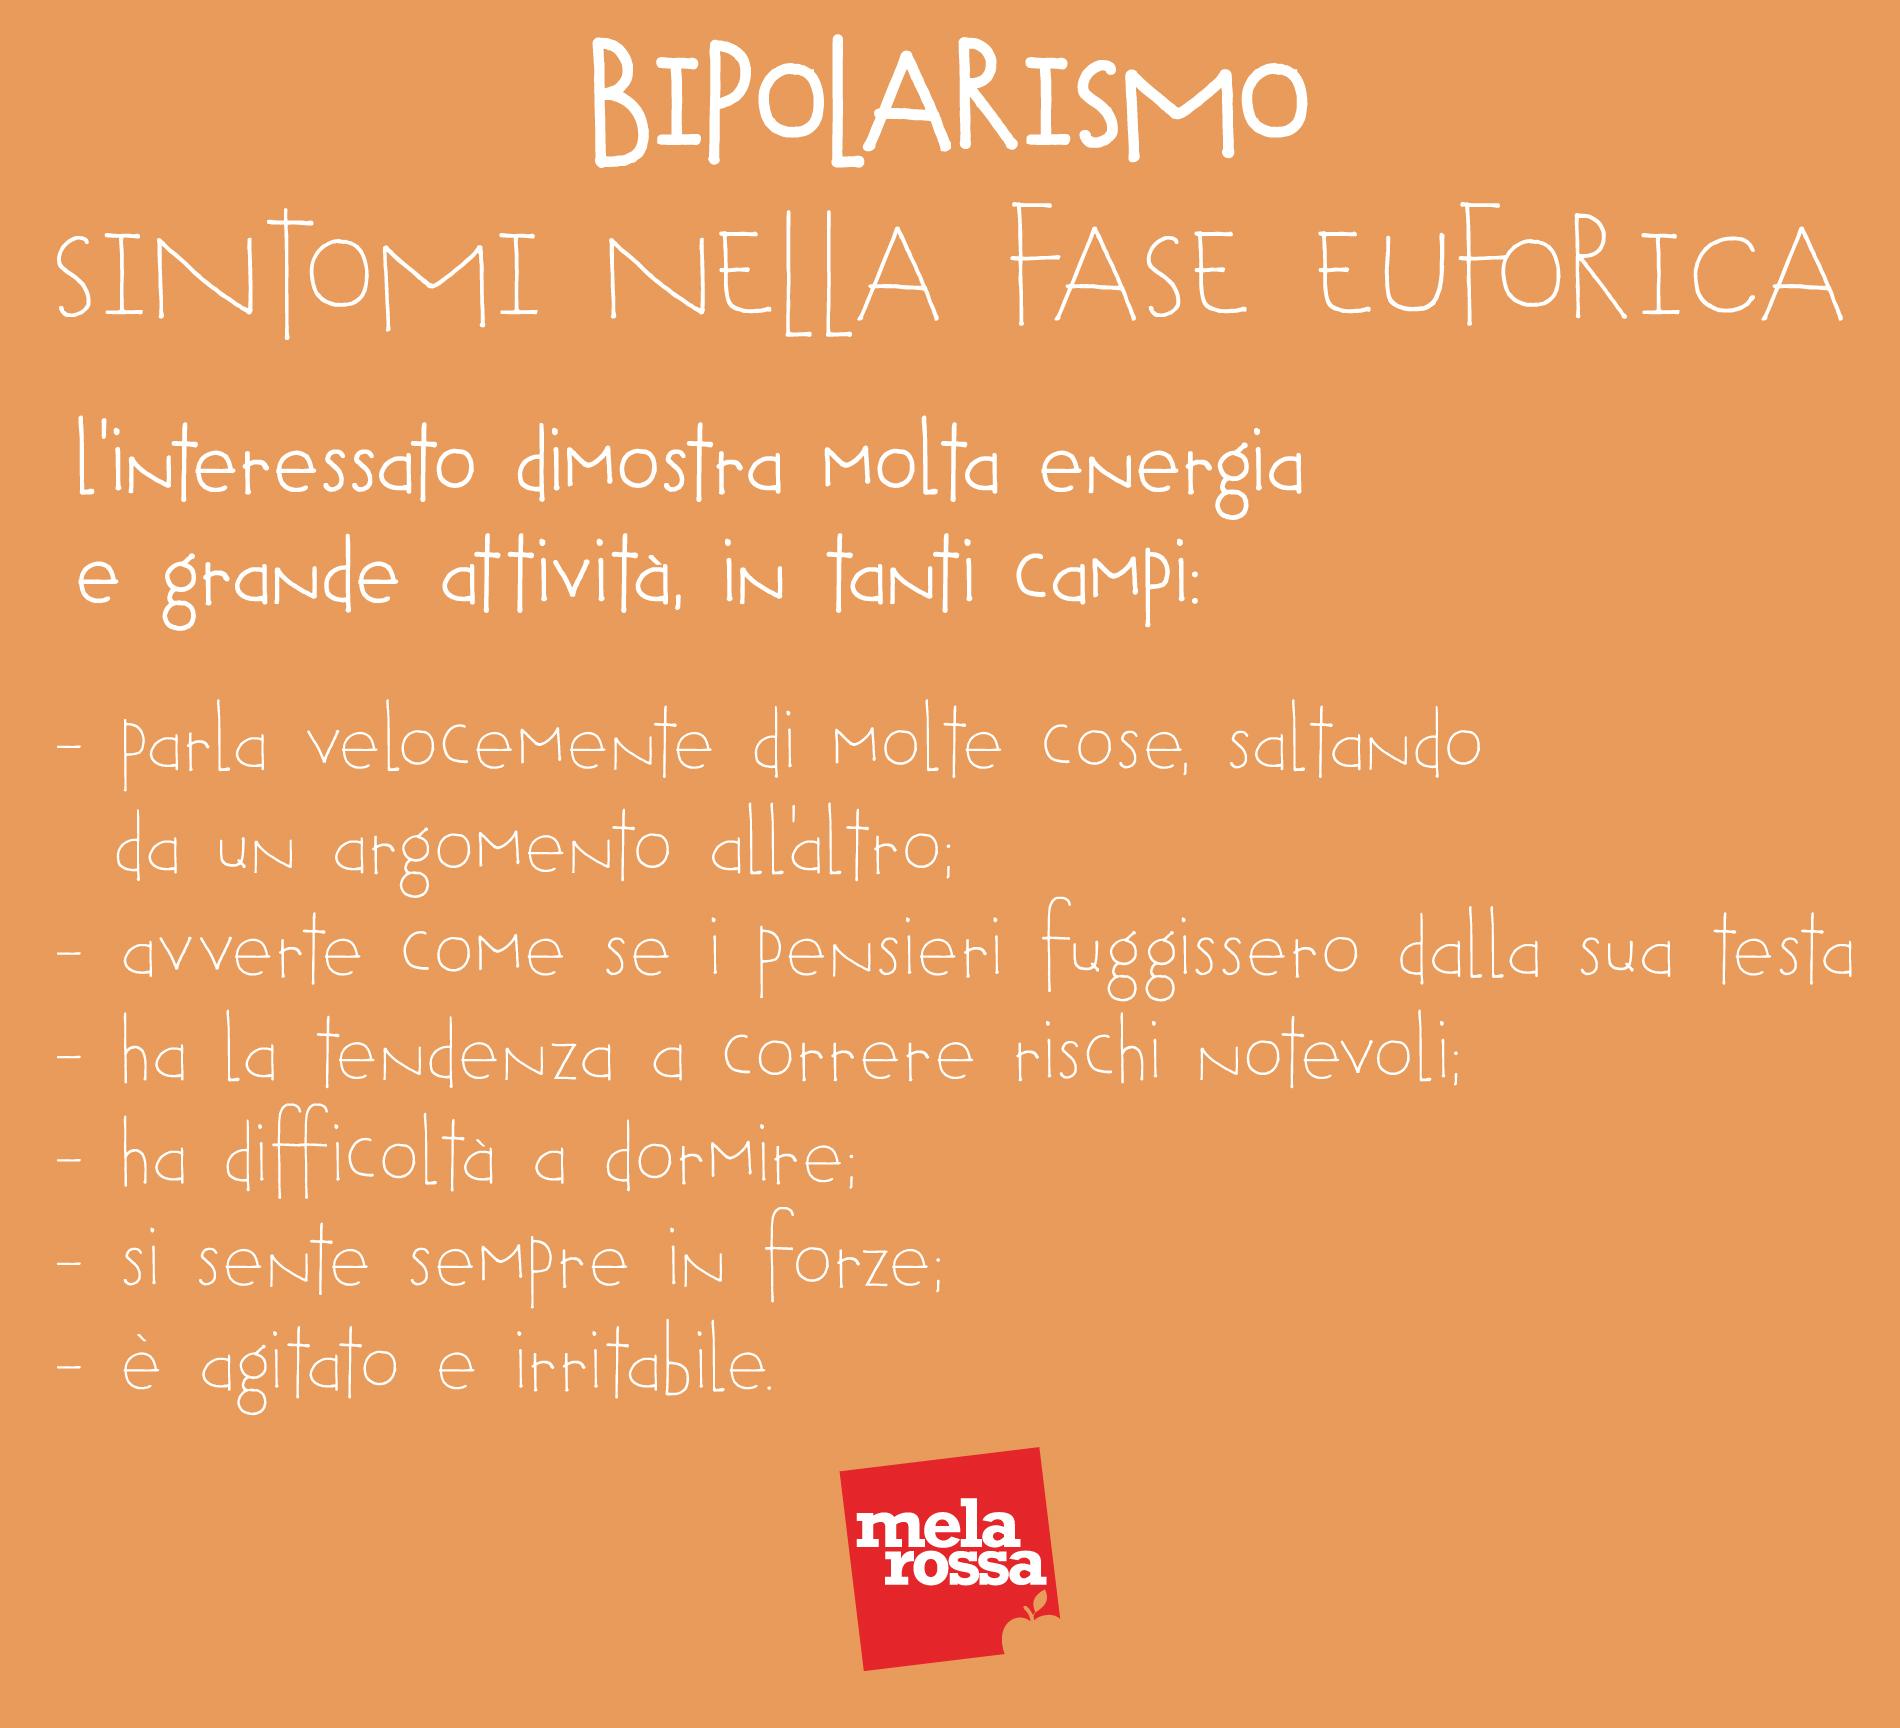 bipolarismo: sintomi nella fase euforica